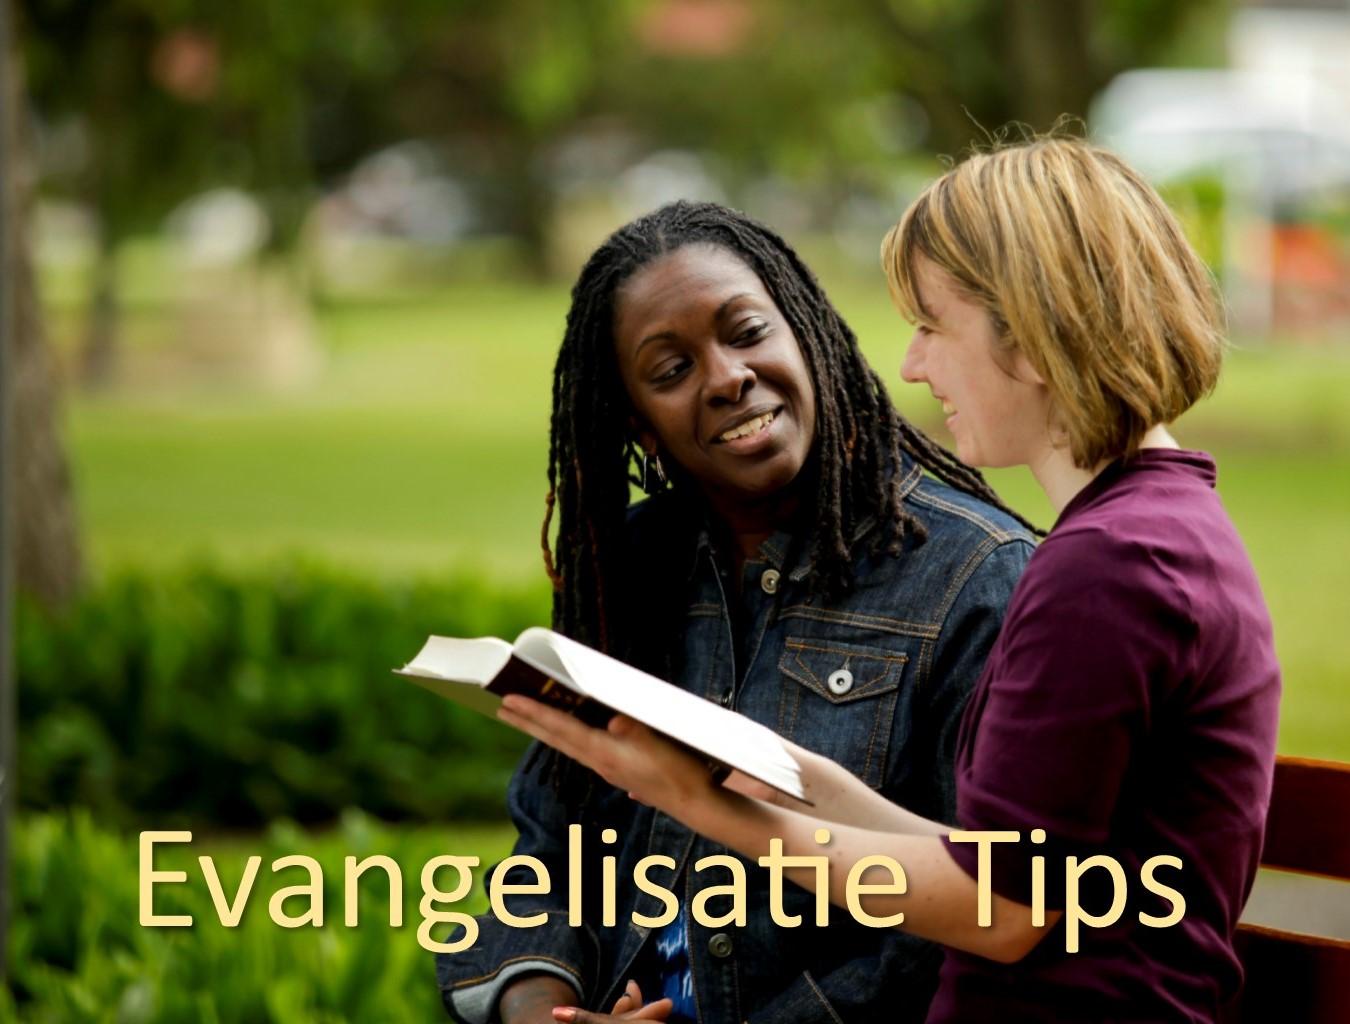 evangelisatietips